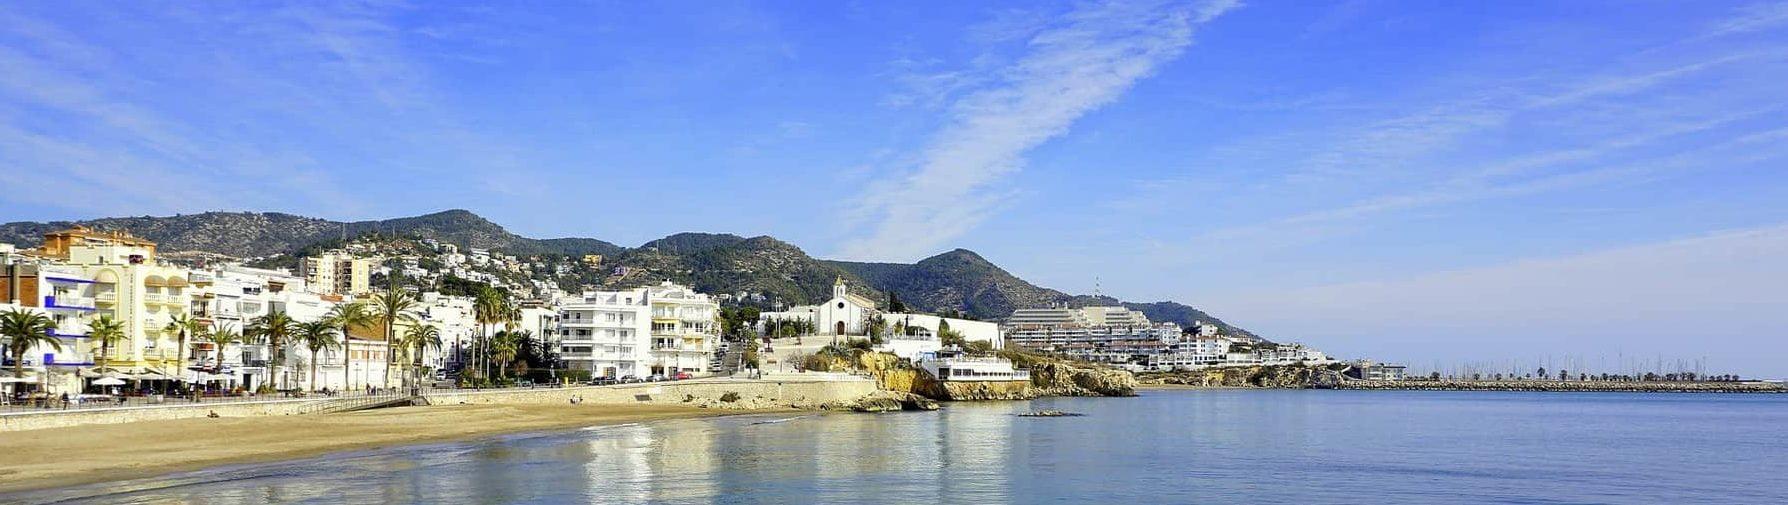 Platja de la Bassa Rodona - Plage gay principale de Sitges